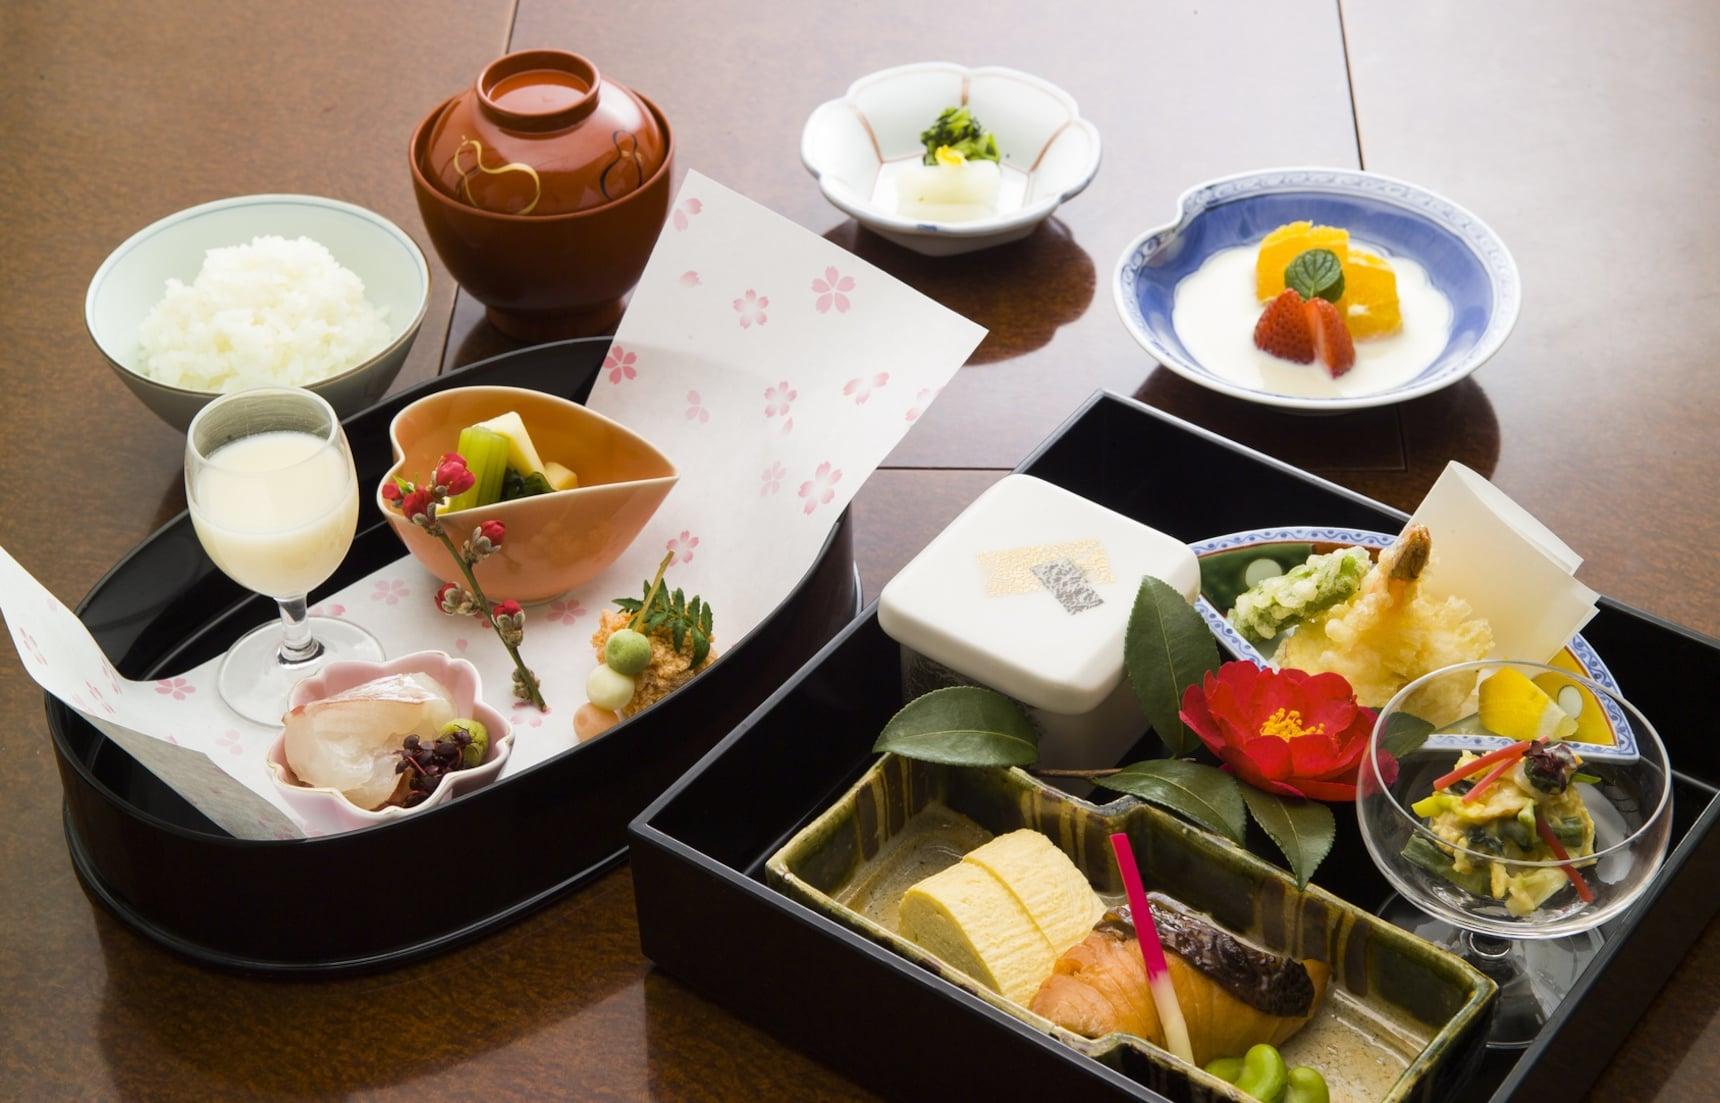 '세계의 부엌' 오사카에서 즐기는 미슐랭 가이드